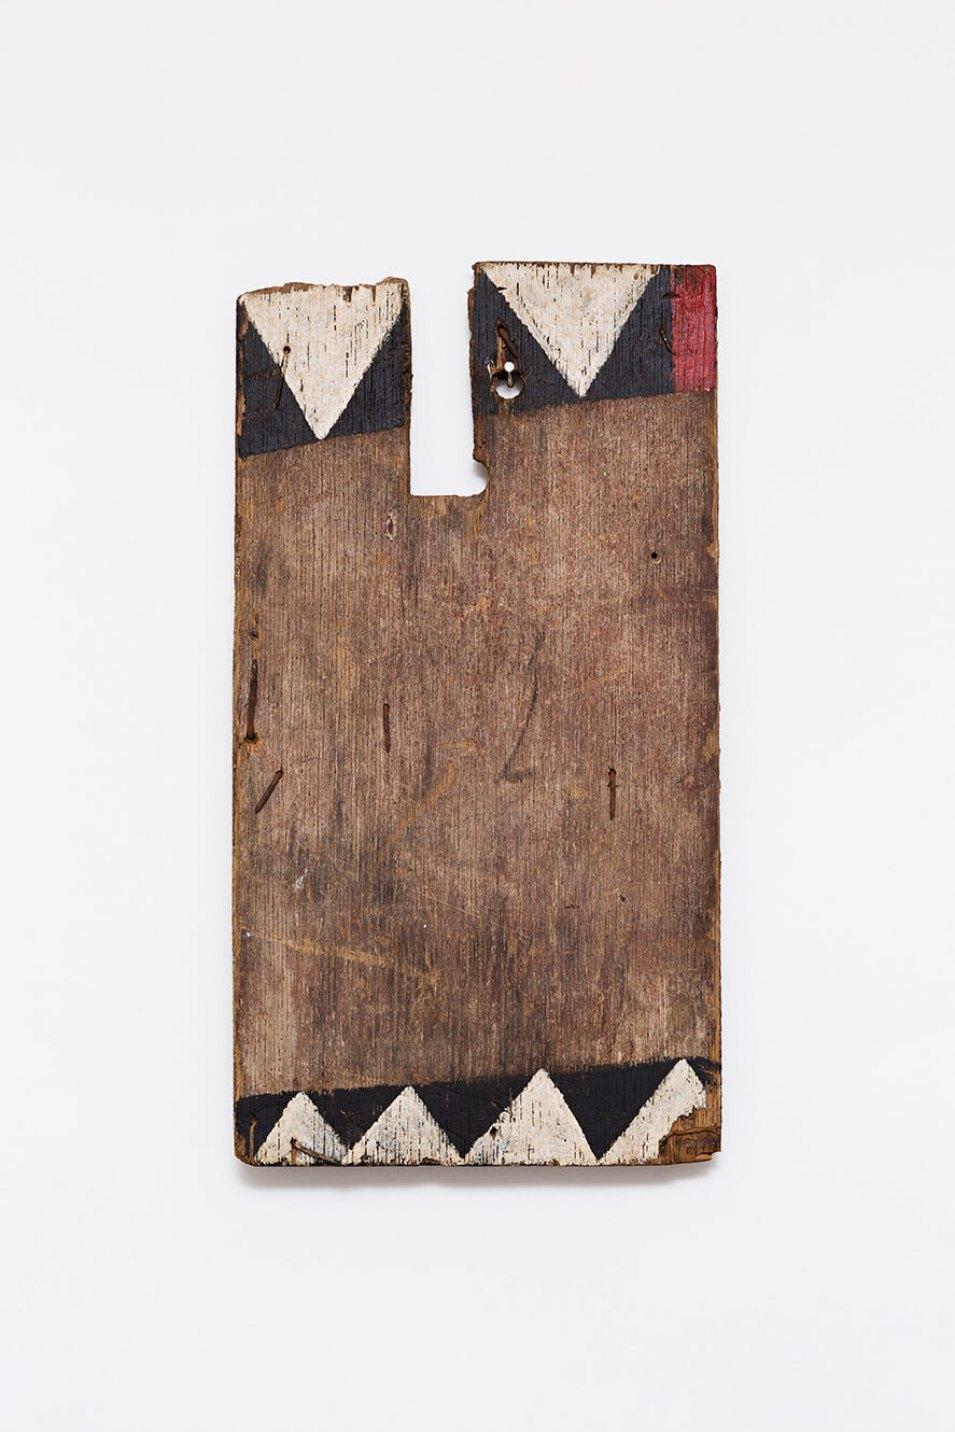 Celso Renato, <em>untitled</em>, n/a, acrylic on wood, 47 × 25 cm - Mendes Wood DM